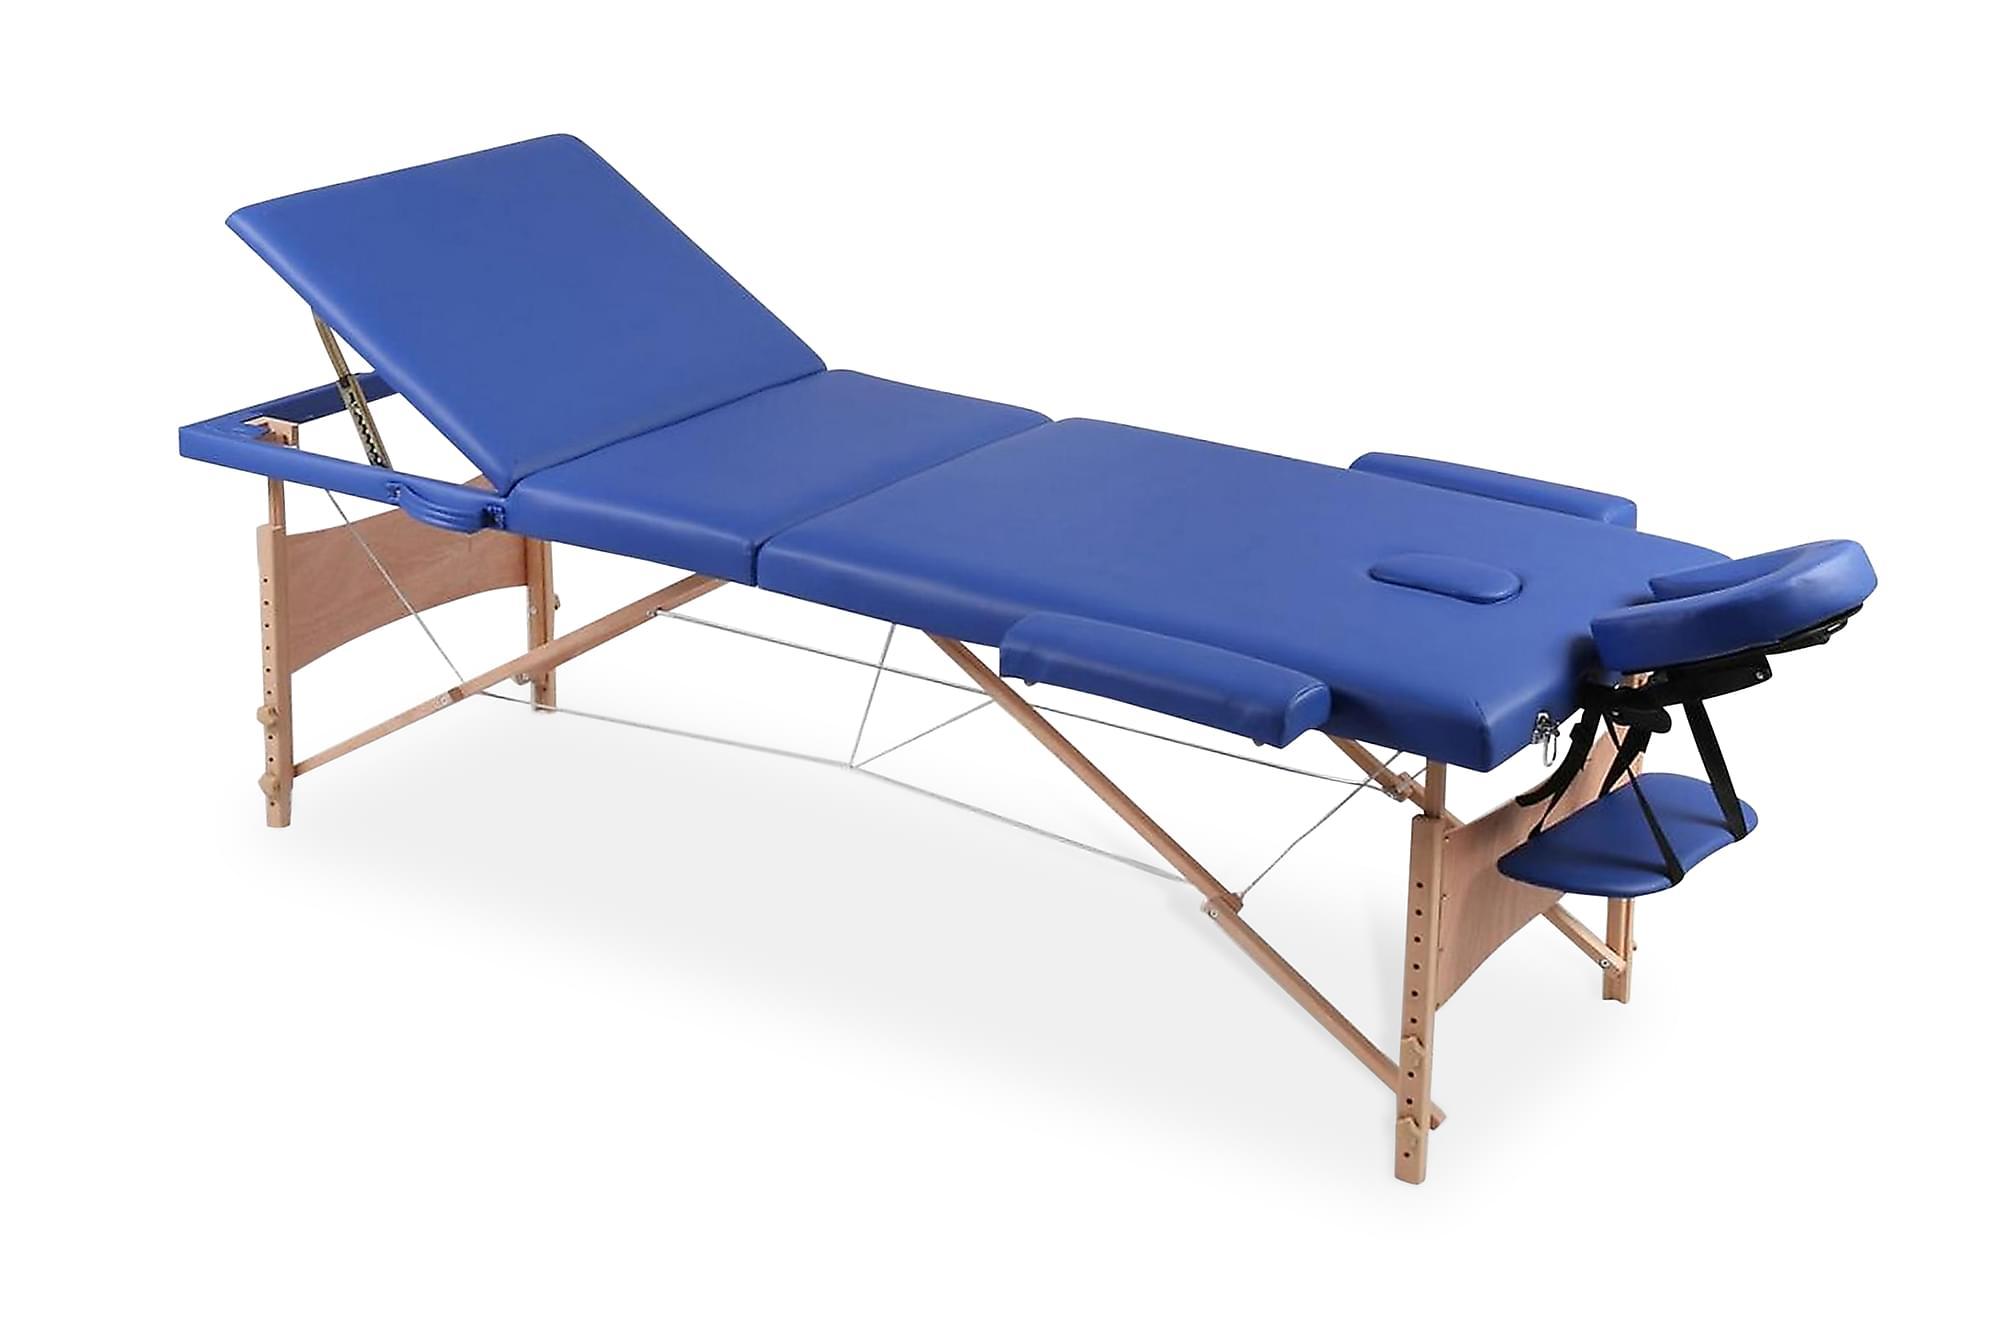 Hopfällbar massagebänk med 3 sektioner träram blå